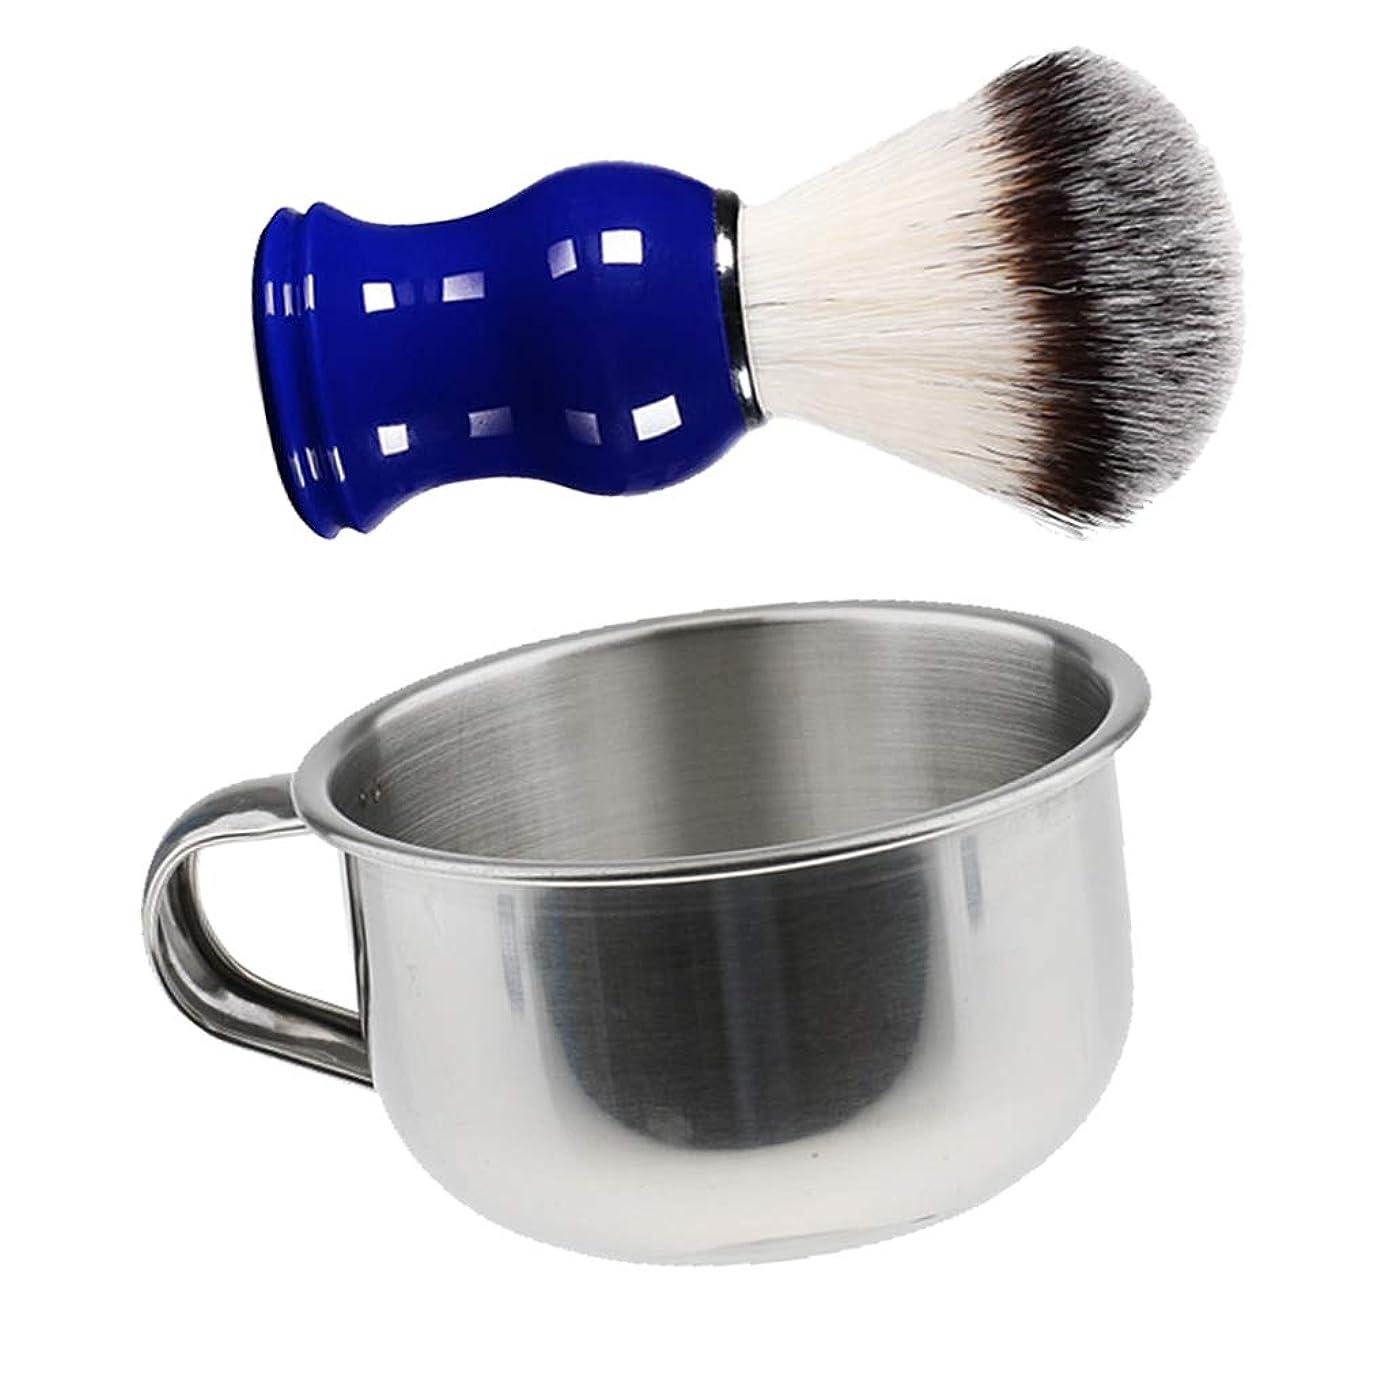 便利さ許容遅いBaoblaze シェービングブラシセット ステンレス製シェービングボウル メンズ 理容 洗顔 髭剃り 泡立ち 実用的